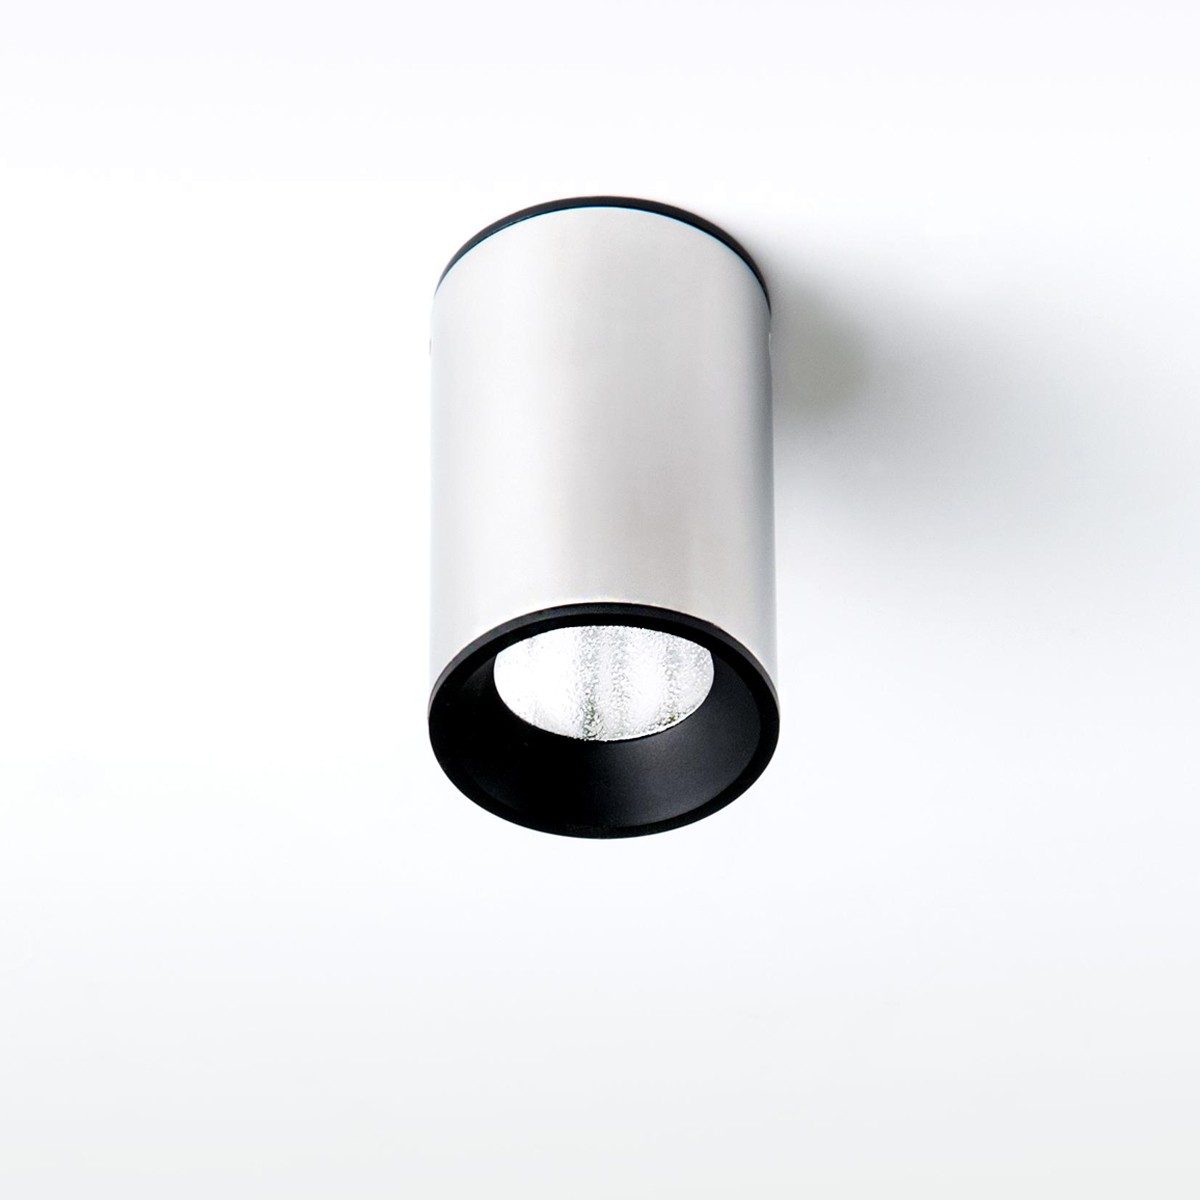 Milan Tub LED Deckenleuchte, Höhe: 6,4 cm, Edelstahl poliert / schwarz